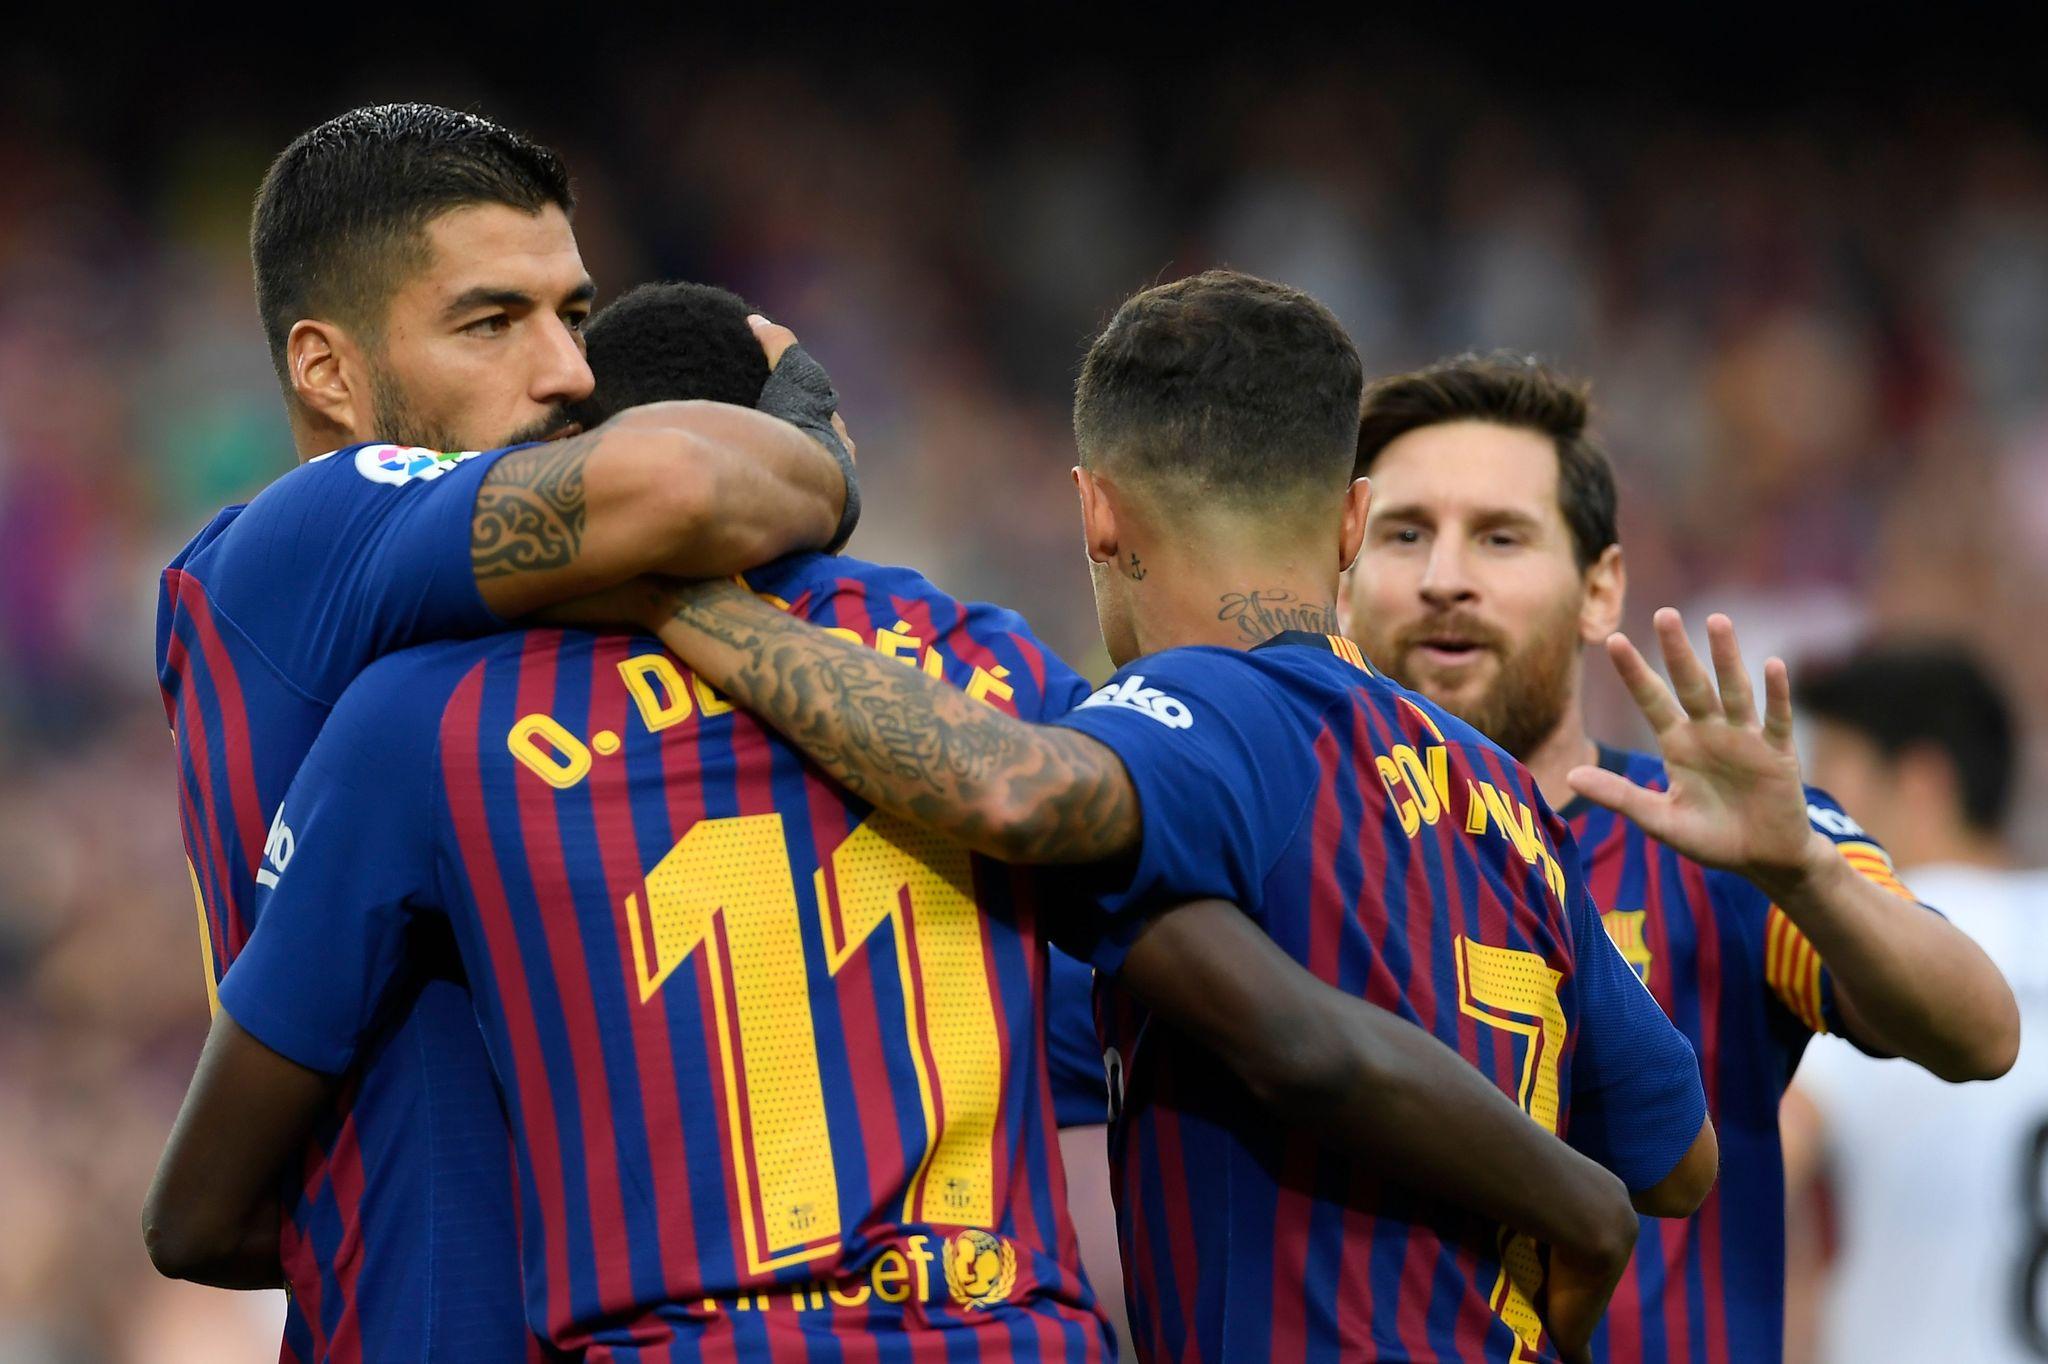 Dembele Ha Conseguido Dos Goles En Tres Partidos En La Liga